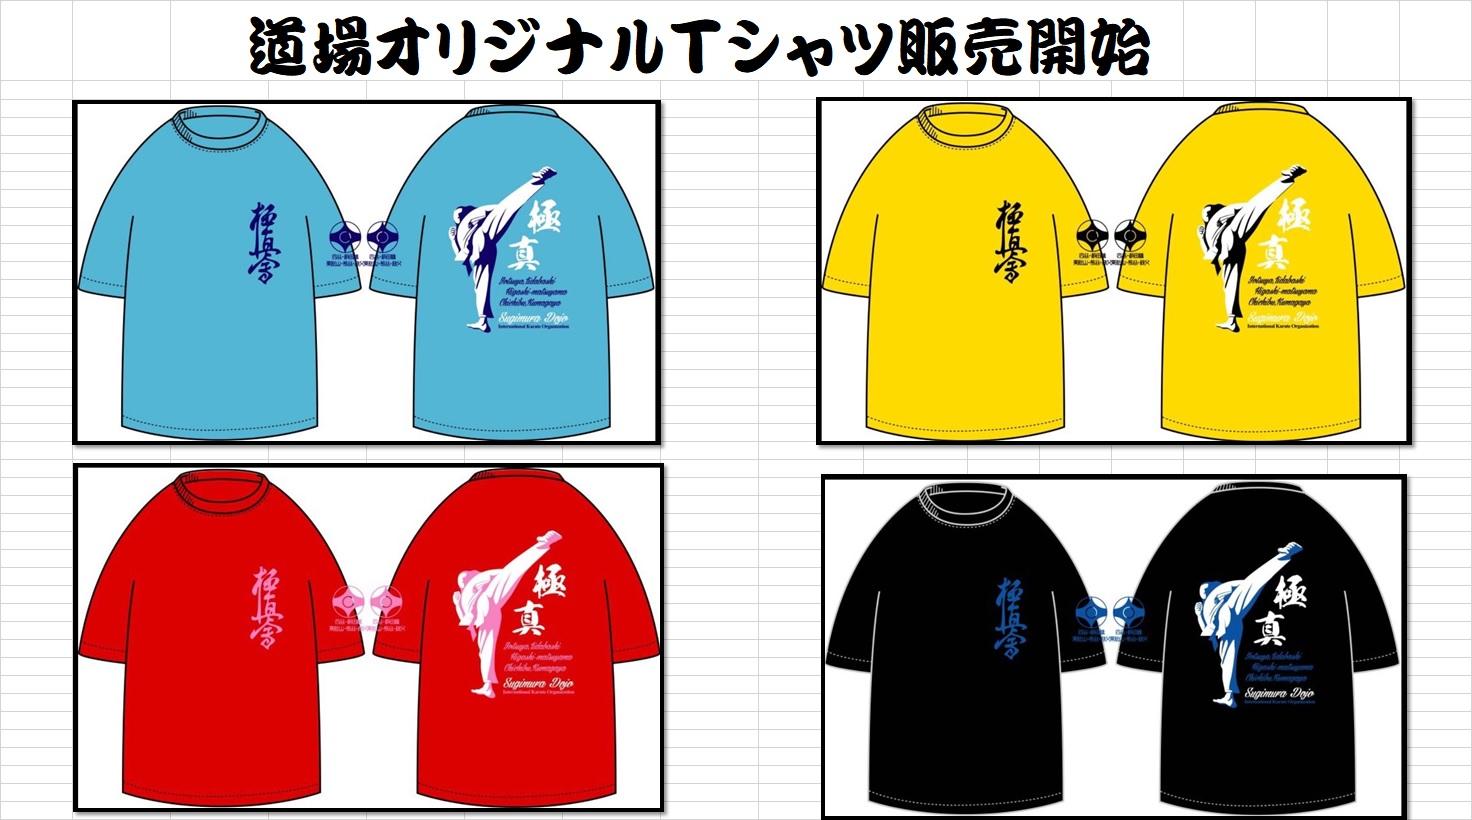 道場オリジナルTシャツ販売中